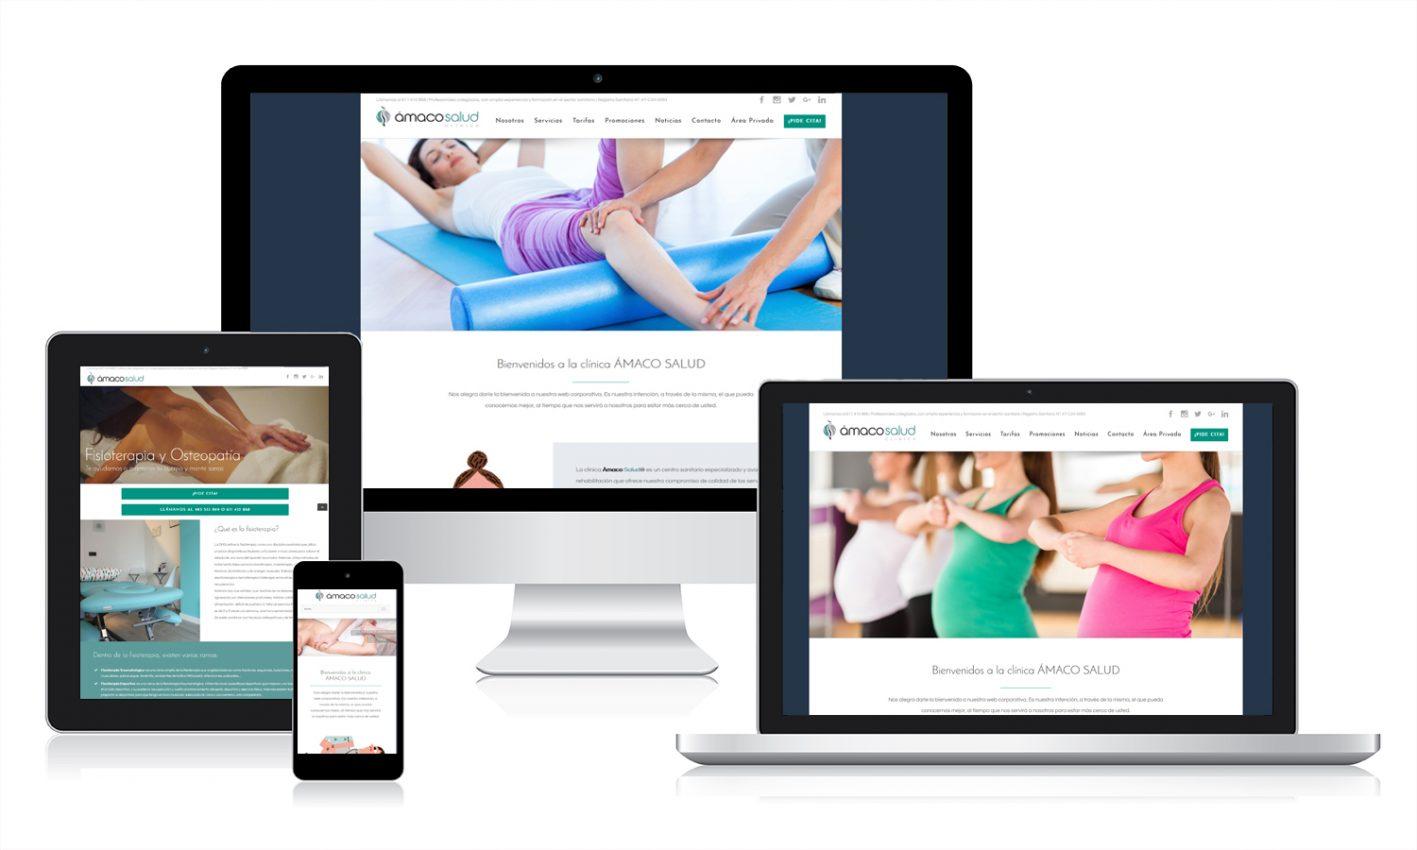 Diseño web responsive de Clínica Ámaco -_Salud